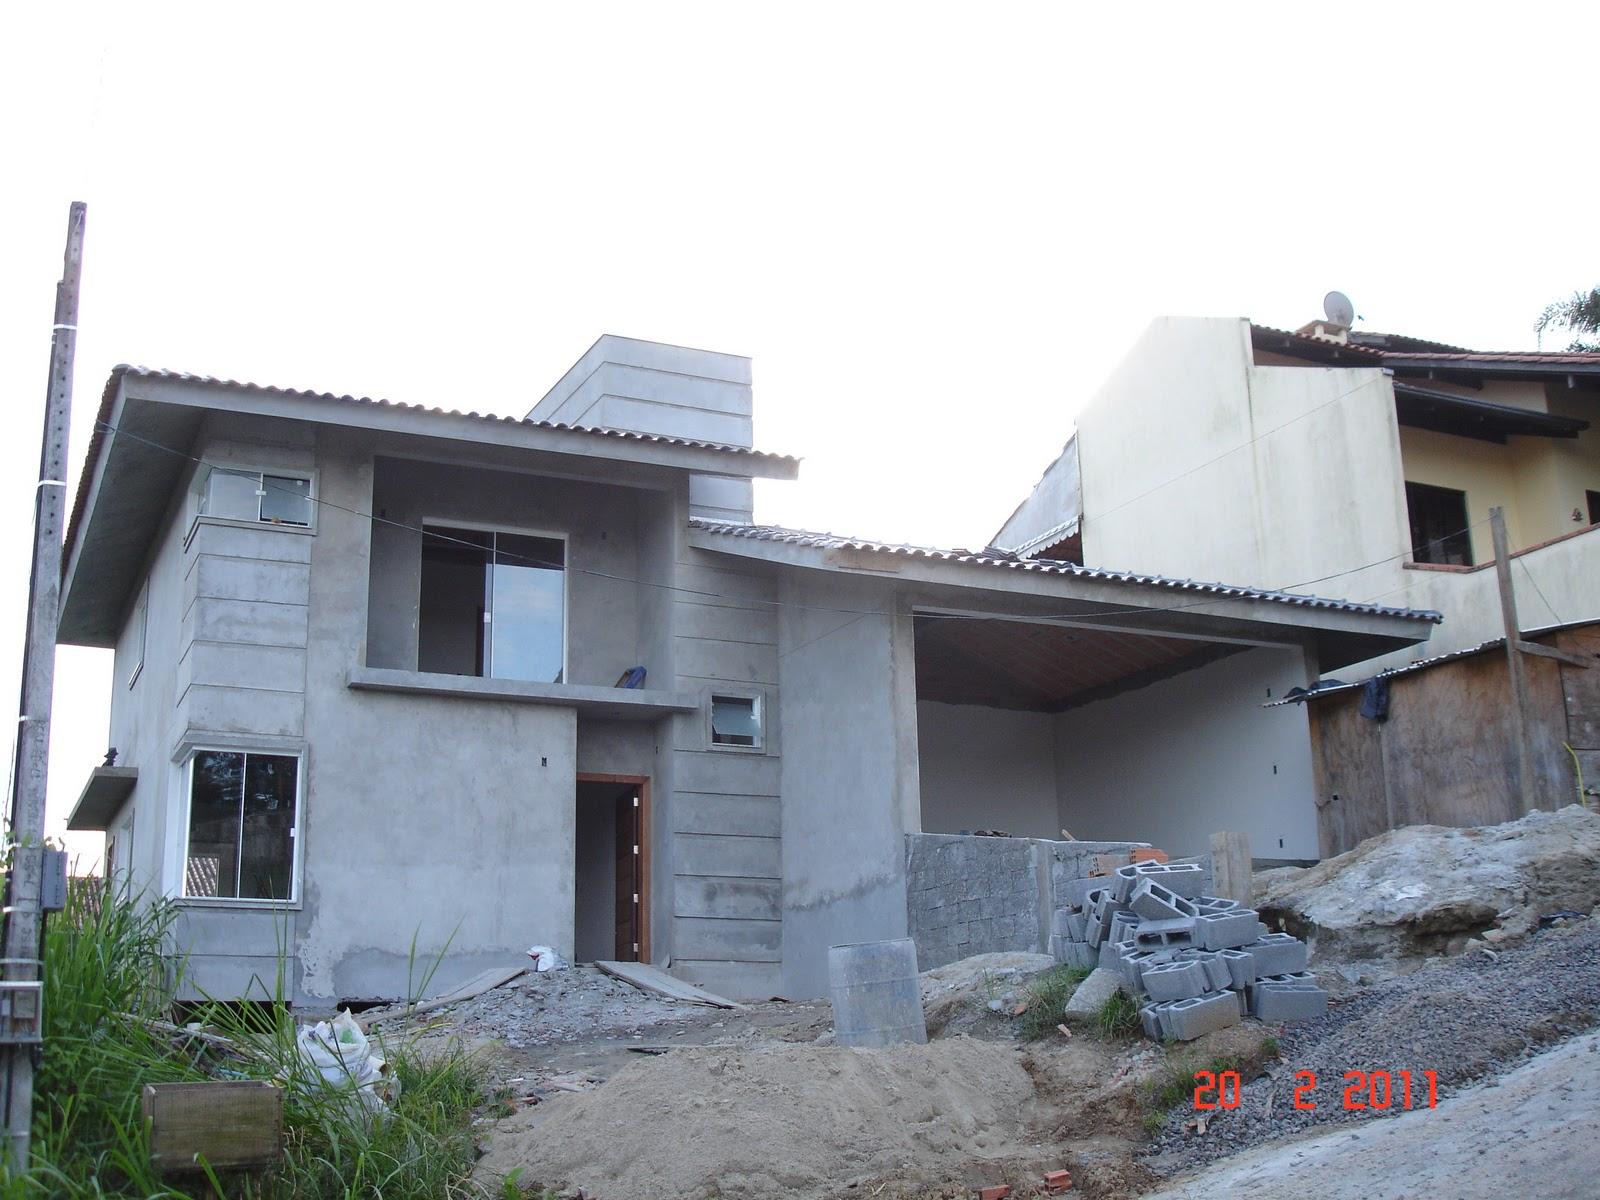 Nossa Casa no Site Construção da fundação ao acabamento: Fotos  #4A6381 1600 1200